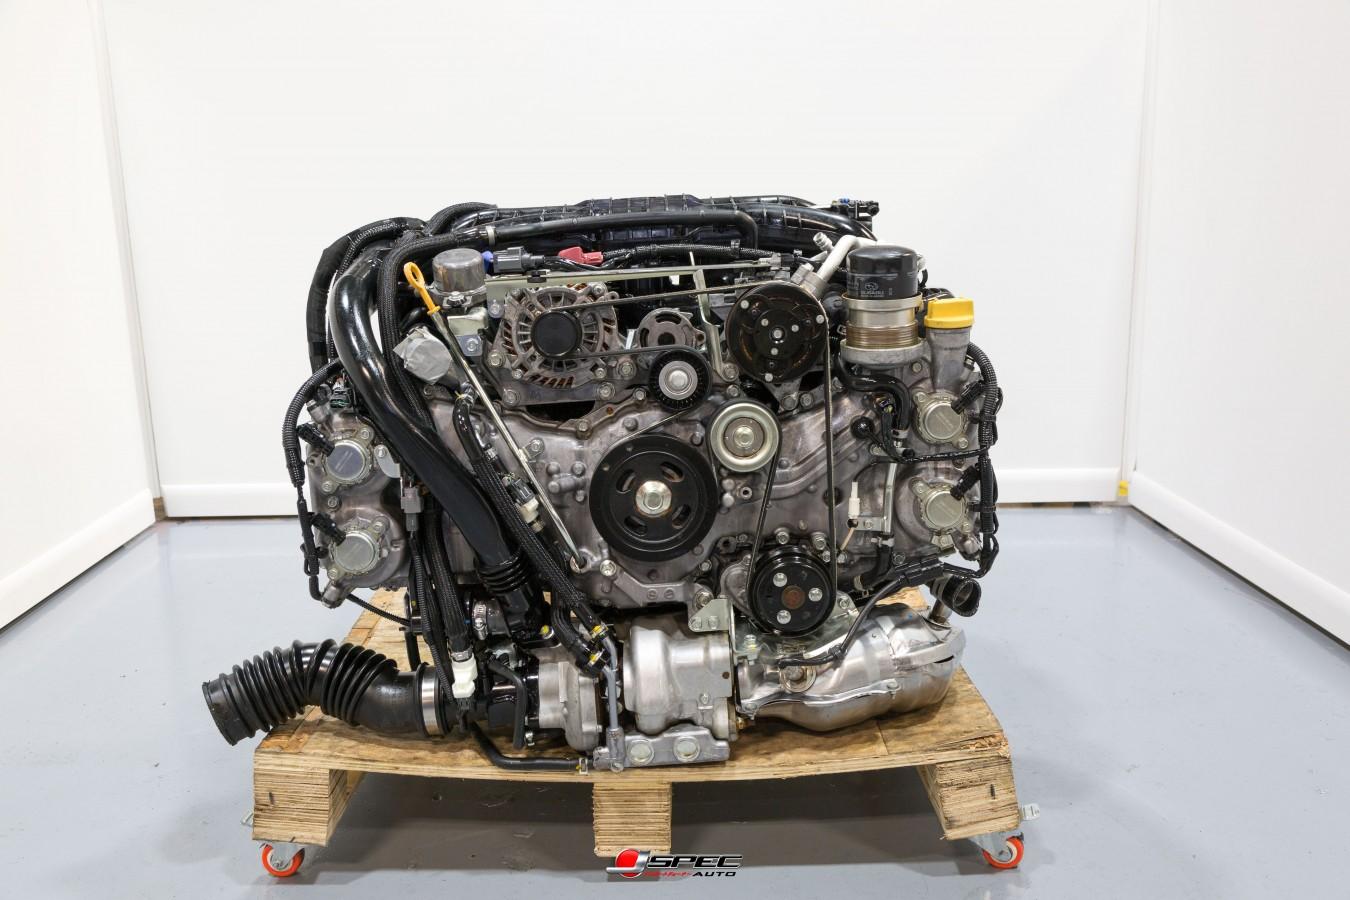 Used Subaru Wrx For Sale >> 2015-2017 Subaru WRX FA20 Engine for Sale | Subaru FR-S Toyota BRZ 2014+ WRX FA20 Engines | J ...